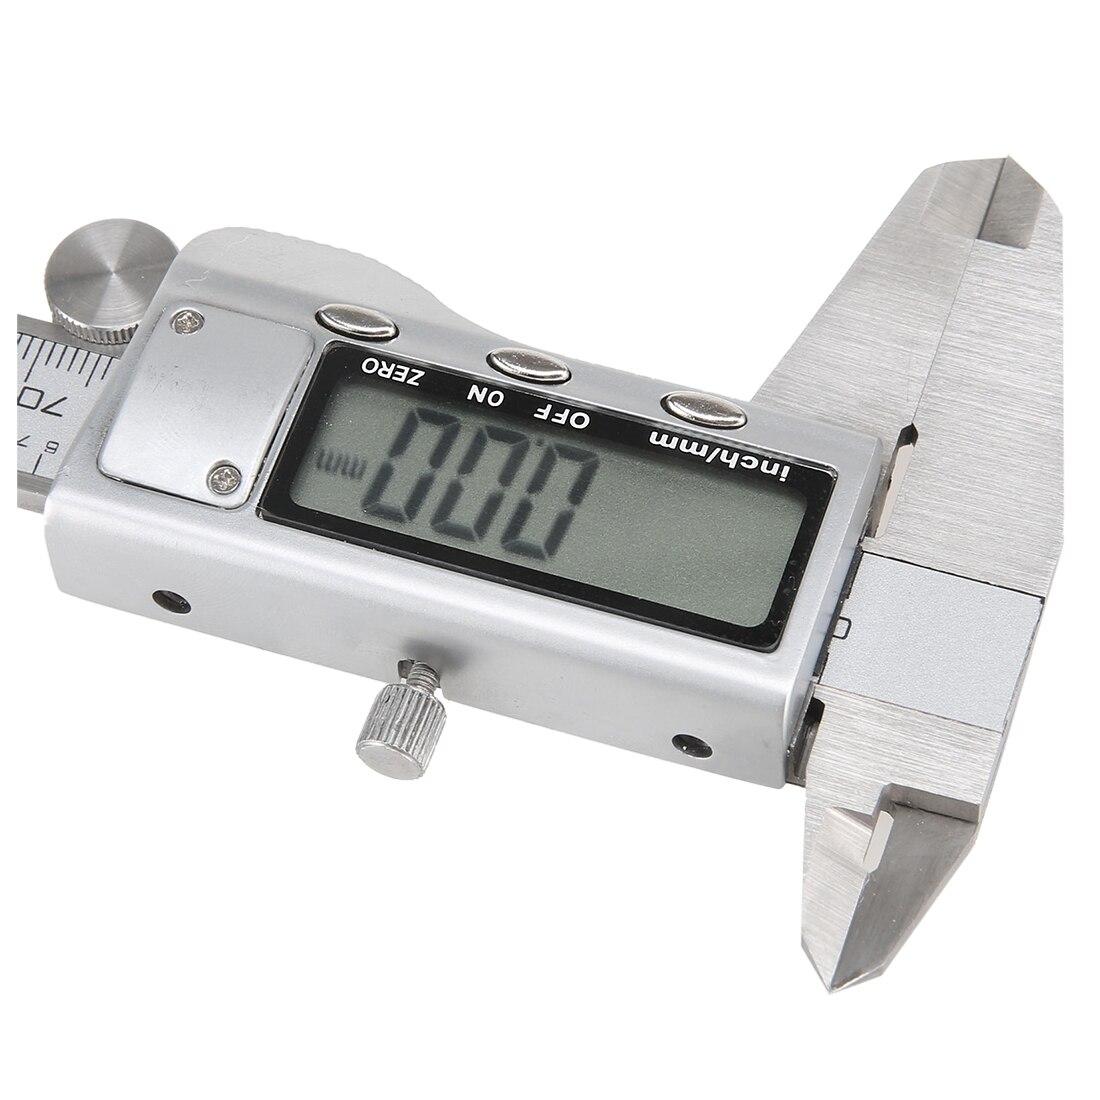 Dsha Heißer Verkauf 150mm 6 lcd Digitale Messschieber Elektronische Noniuslehren-mikrometer Präzision Werkzeug Silber Werkzeuge